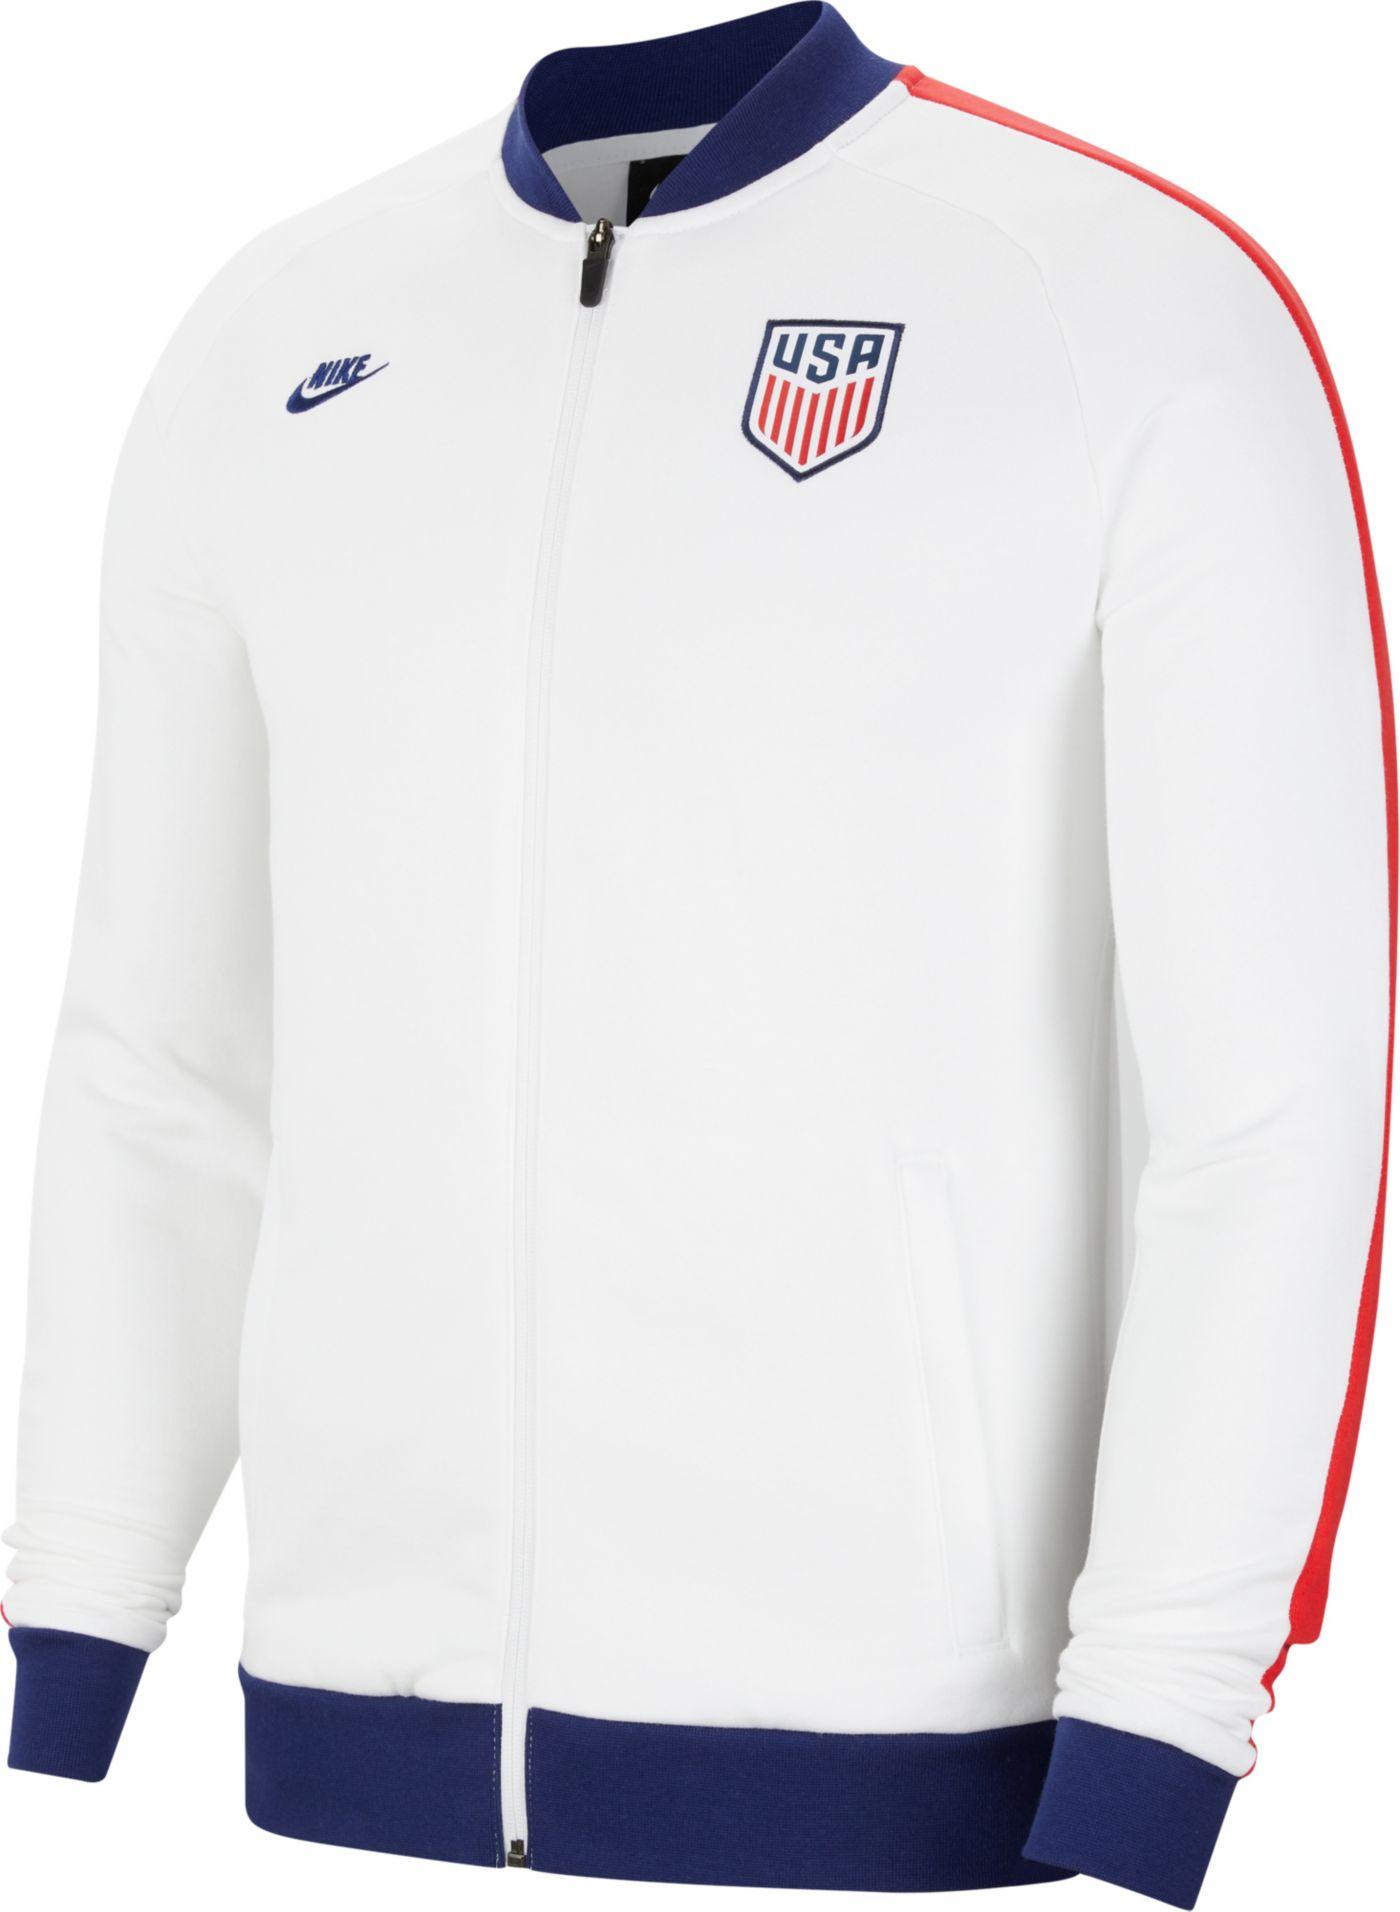 Nike Men's USA Soccer White Track Jacket